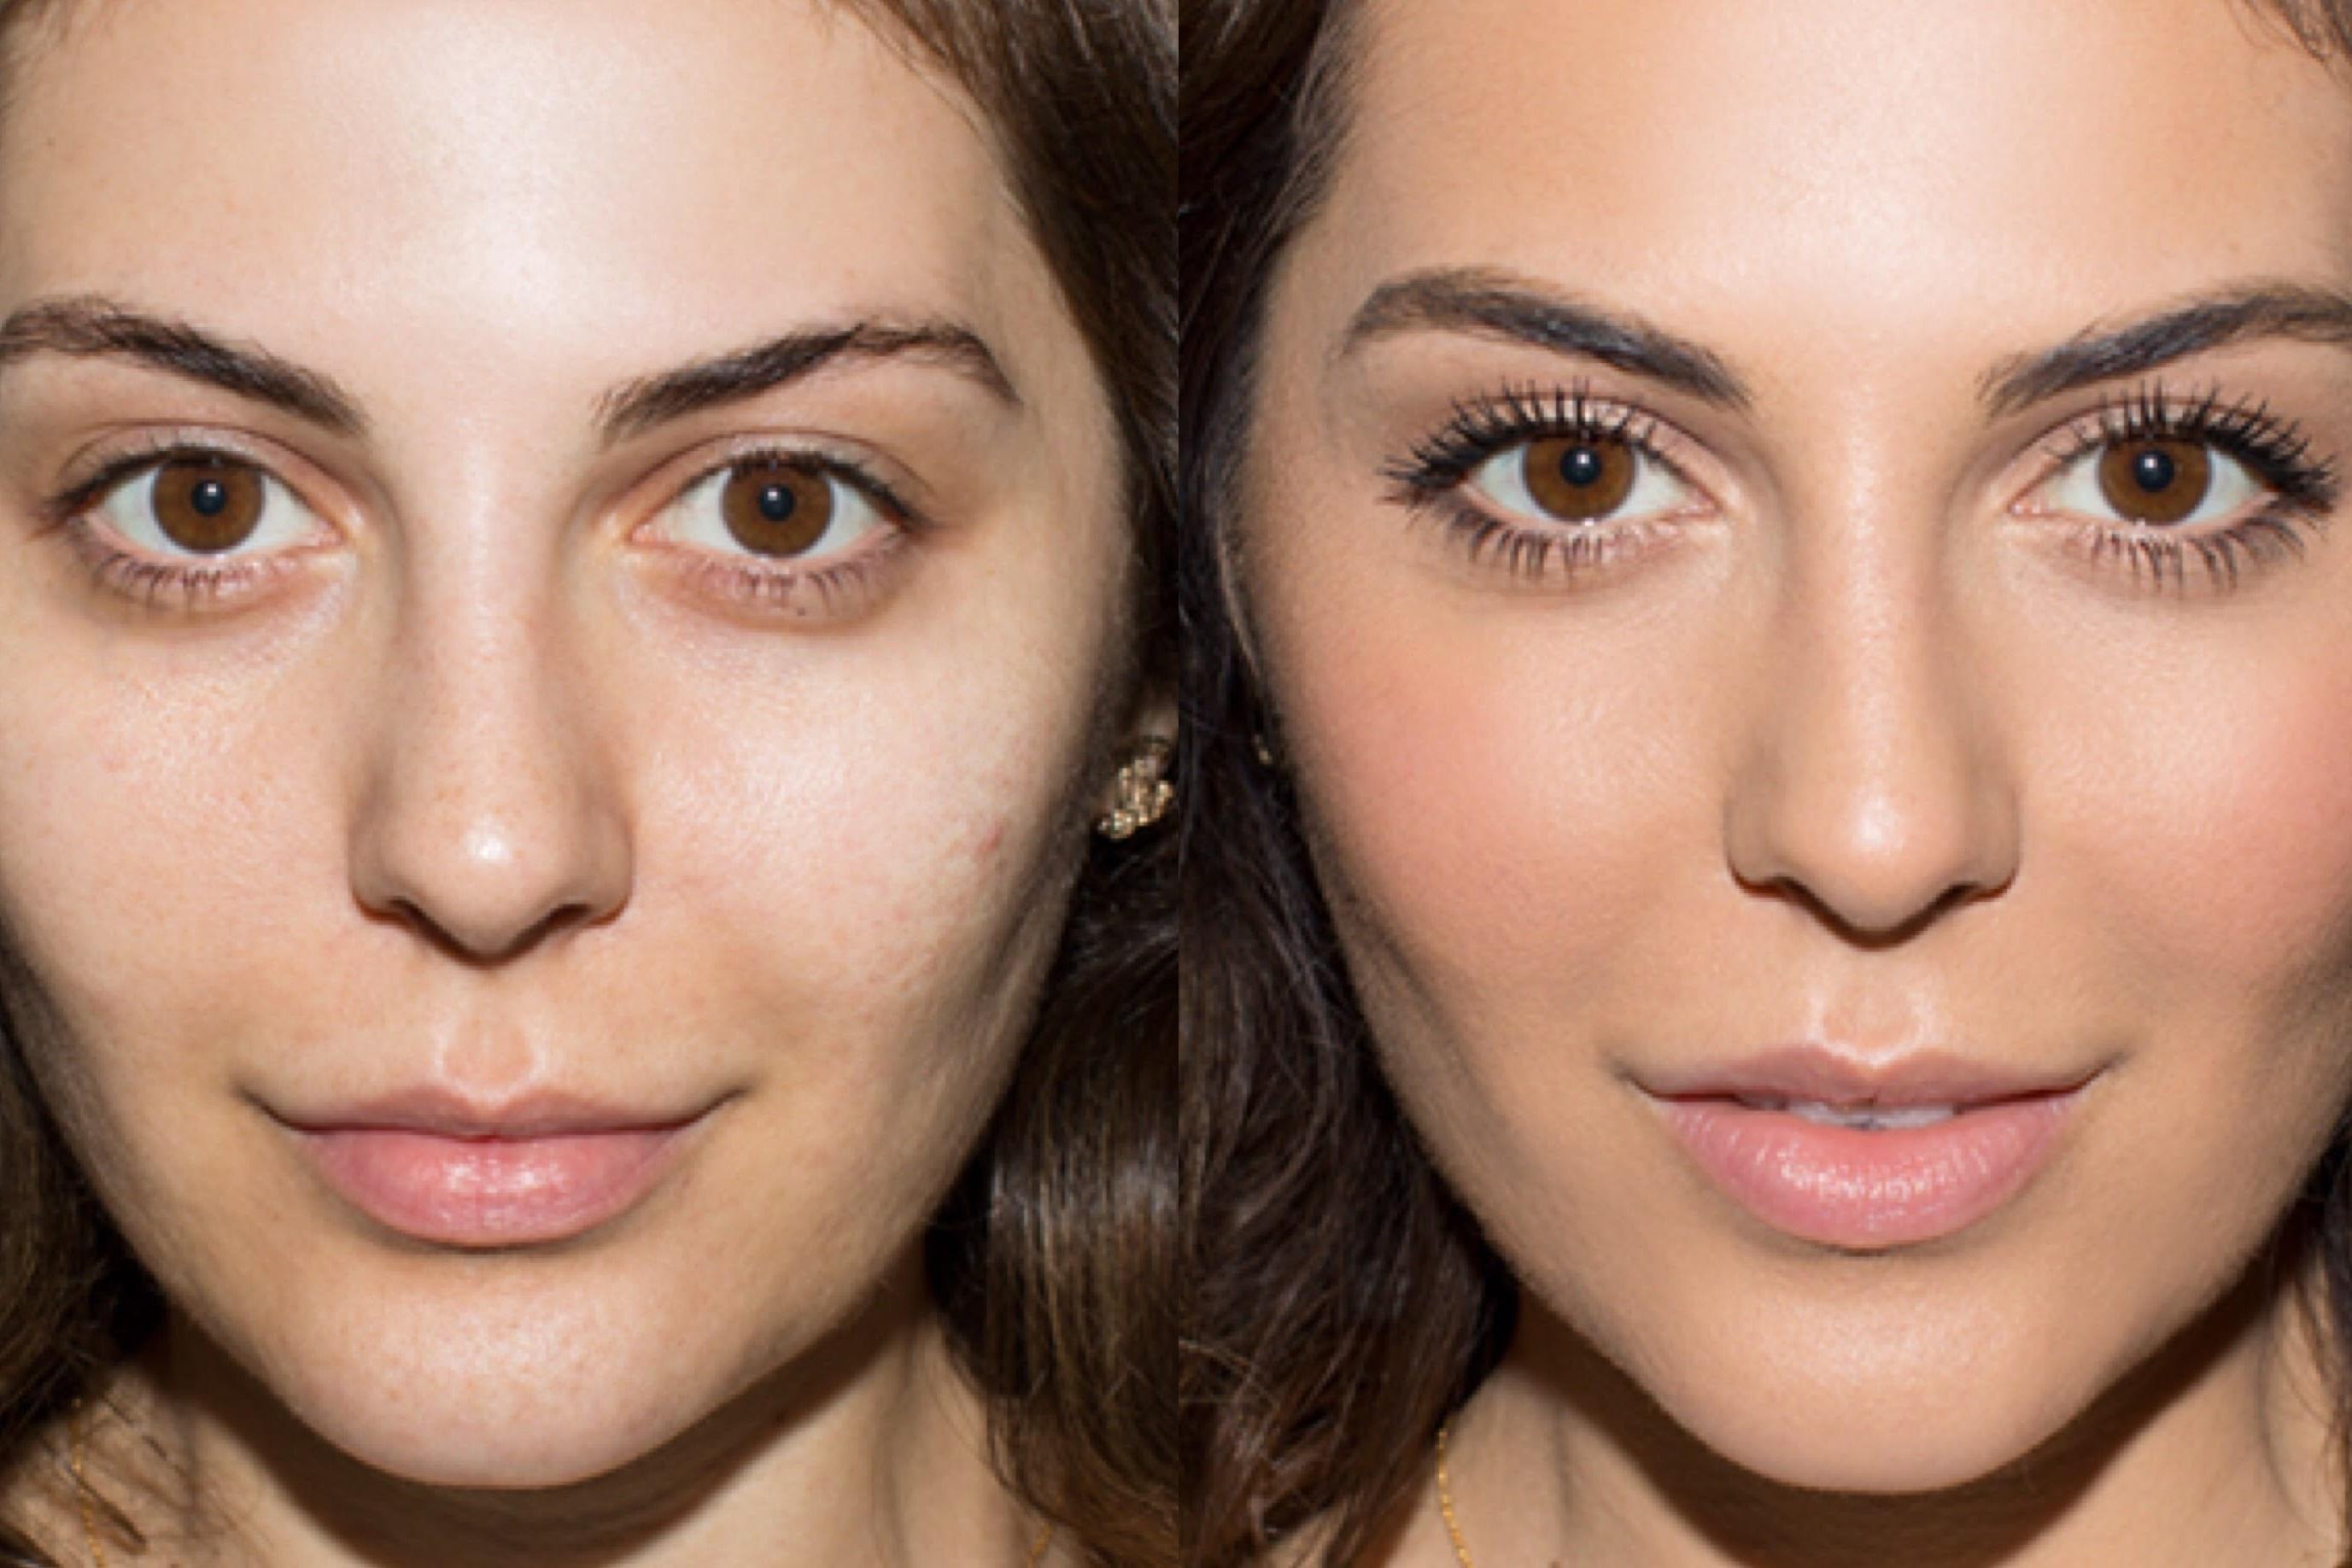 """Imagem de App que """"desmascara mulheres com maquiagem"""" gera polêmica na web no tecmundo"""